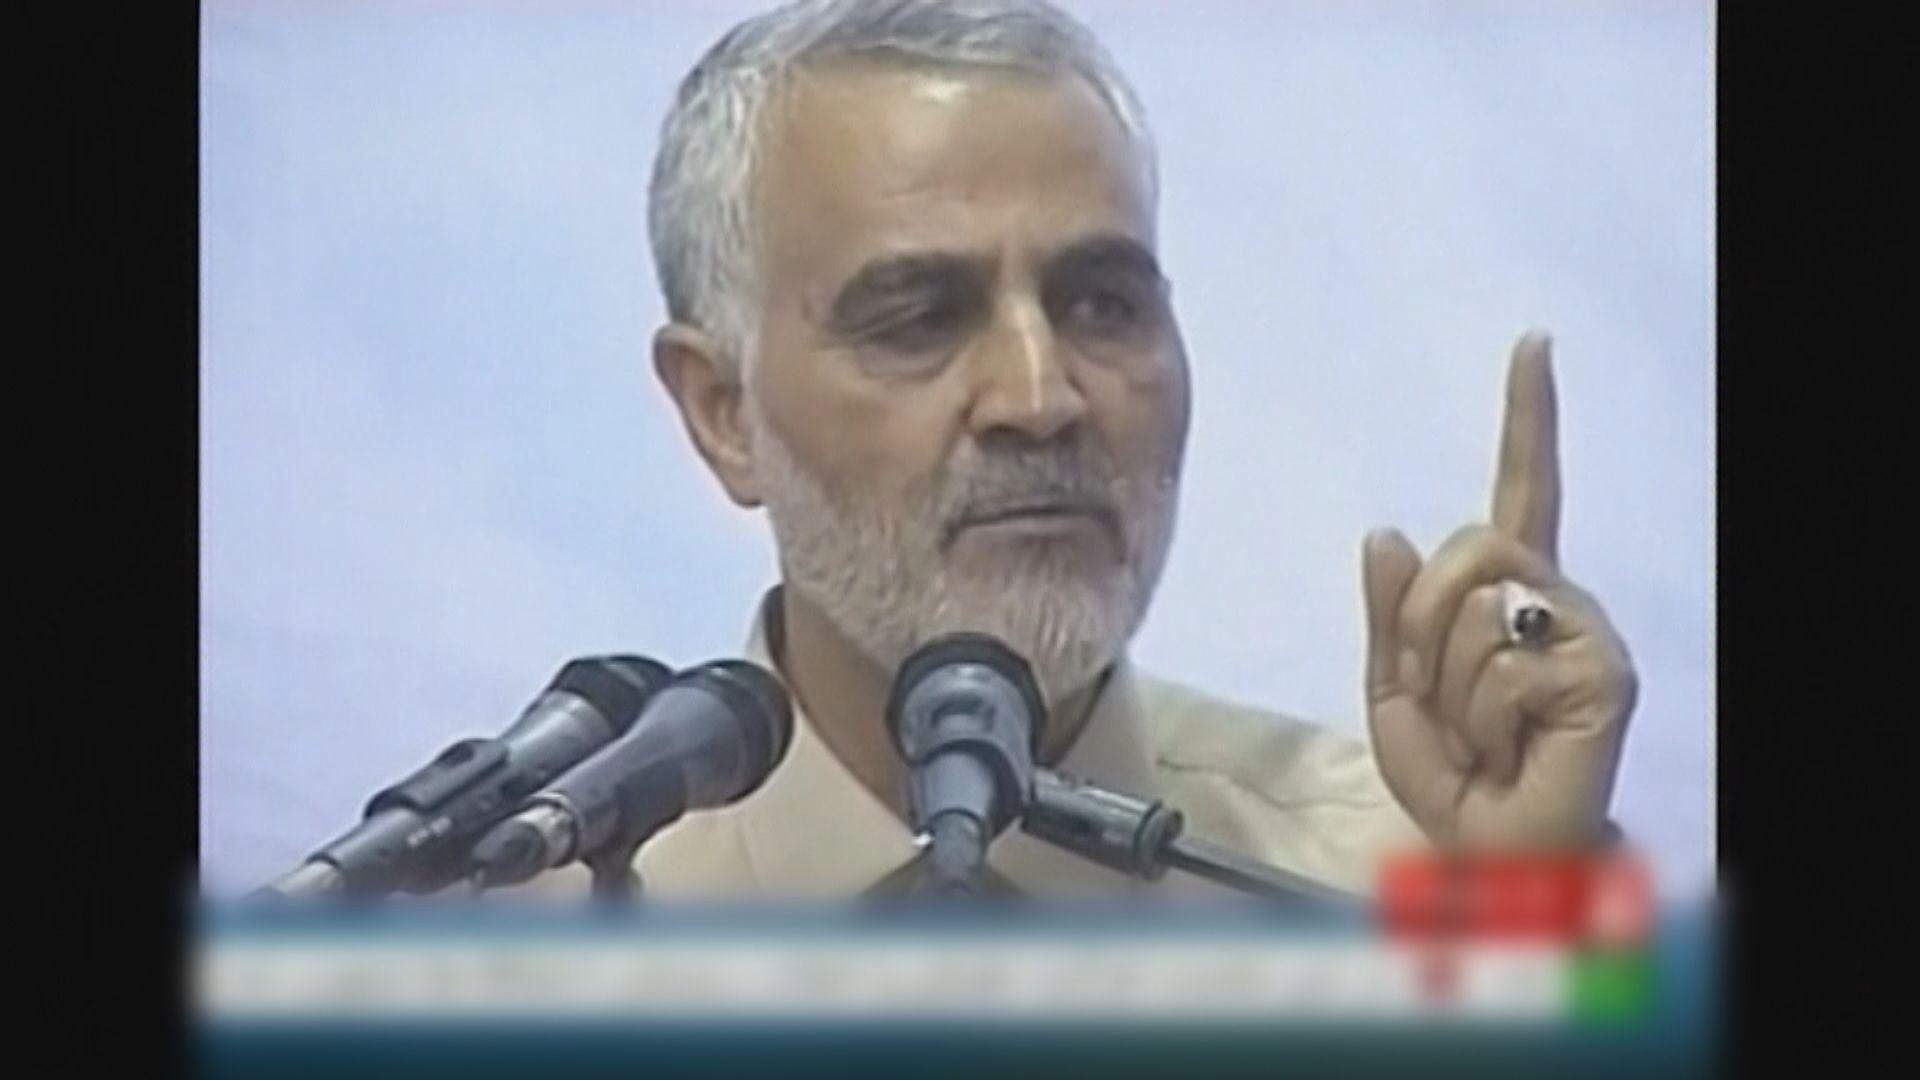 伊朗革命衛隊威脅攻擊西方船艦